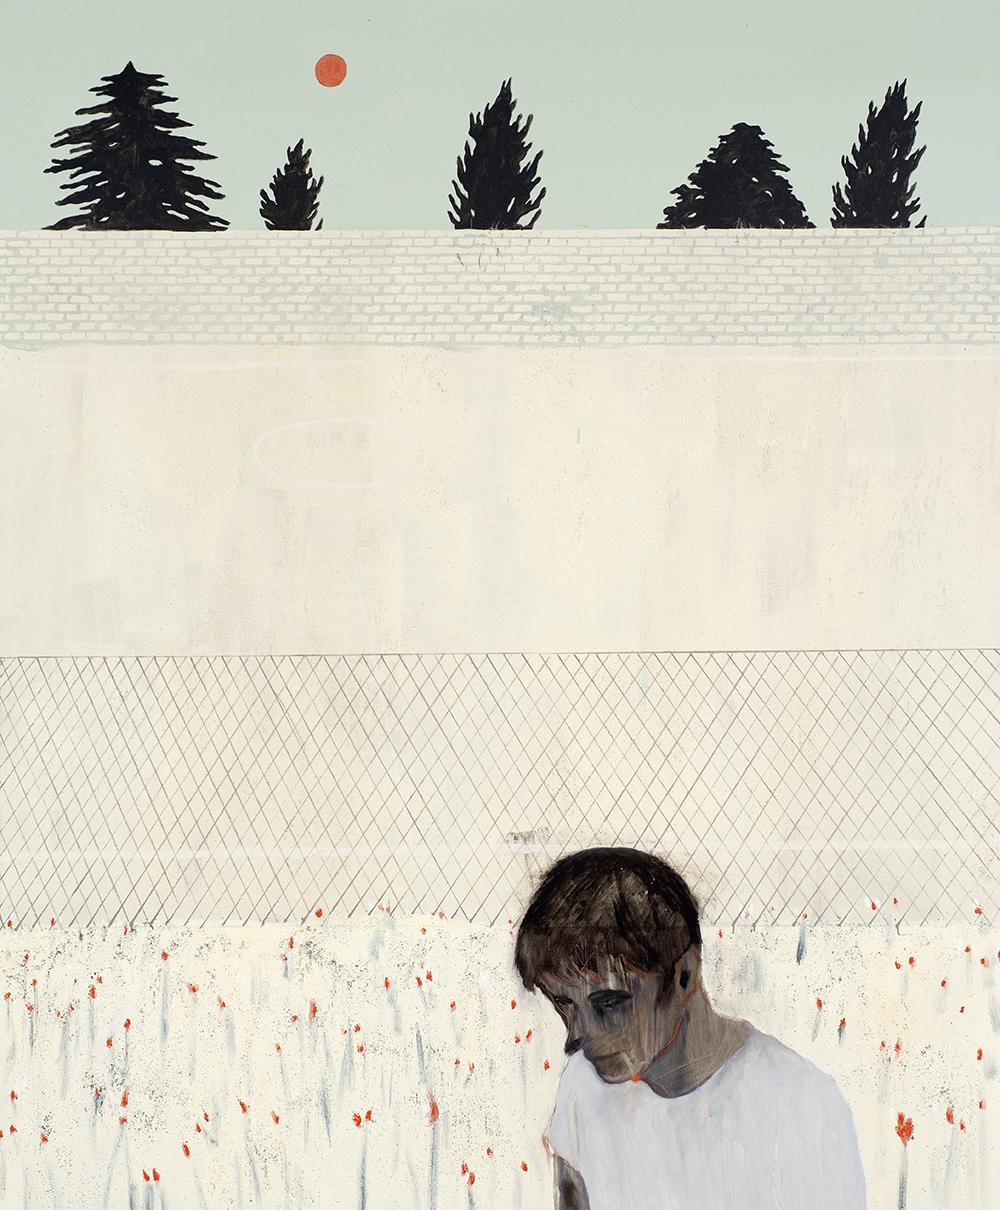 Francisco Rodriguez.<em> Backyard</em>, 2019. Oil on canvas, 82 5/8 x 66 7/8 inches (210 x 170 cm)